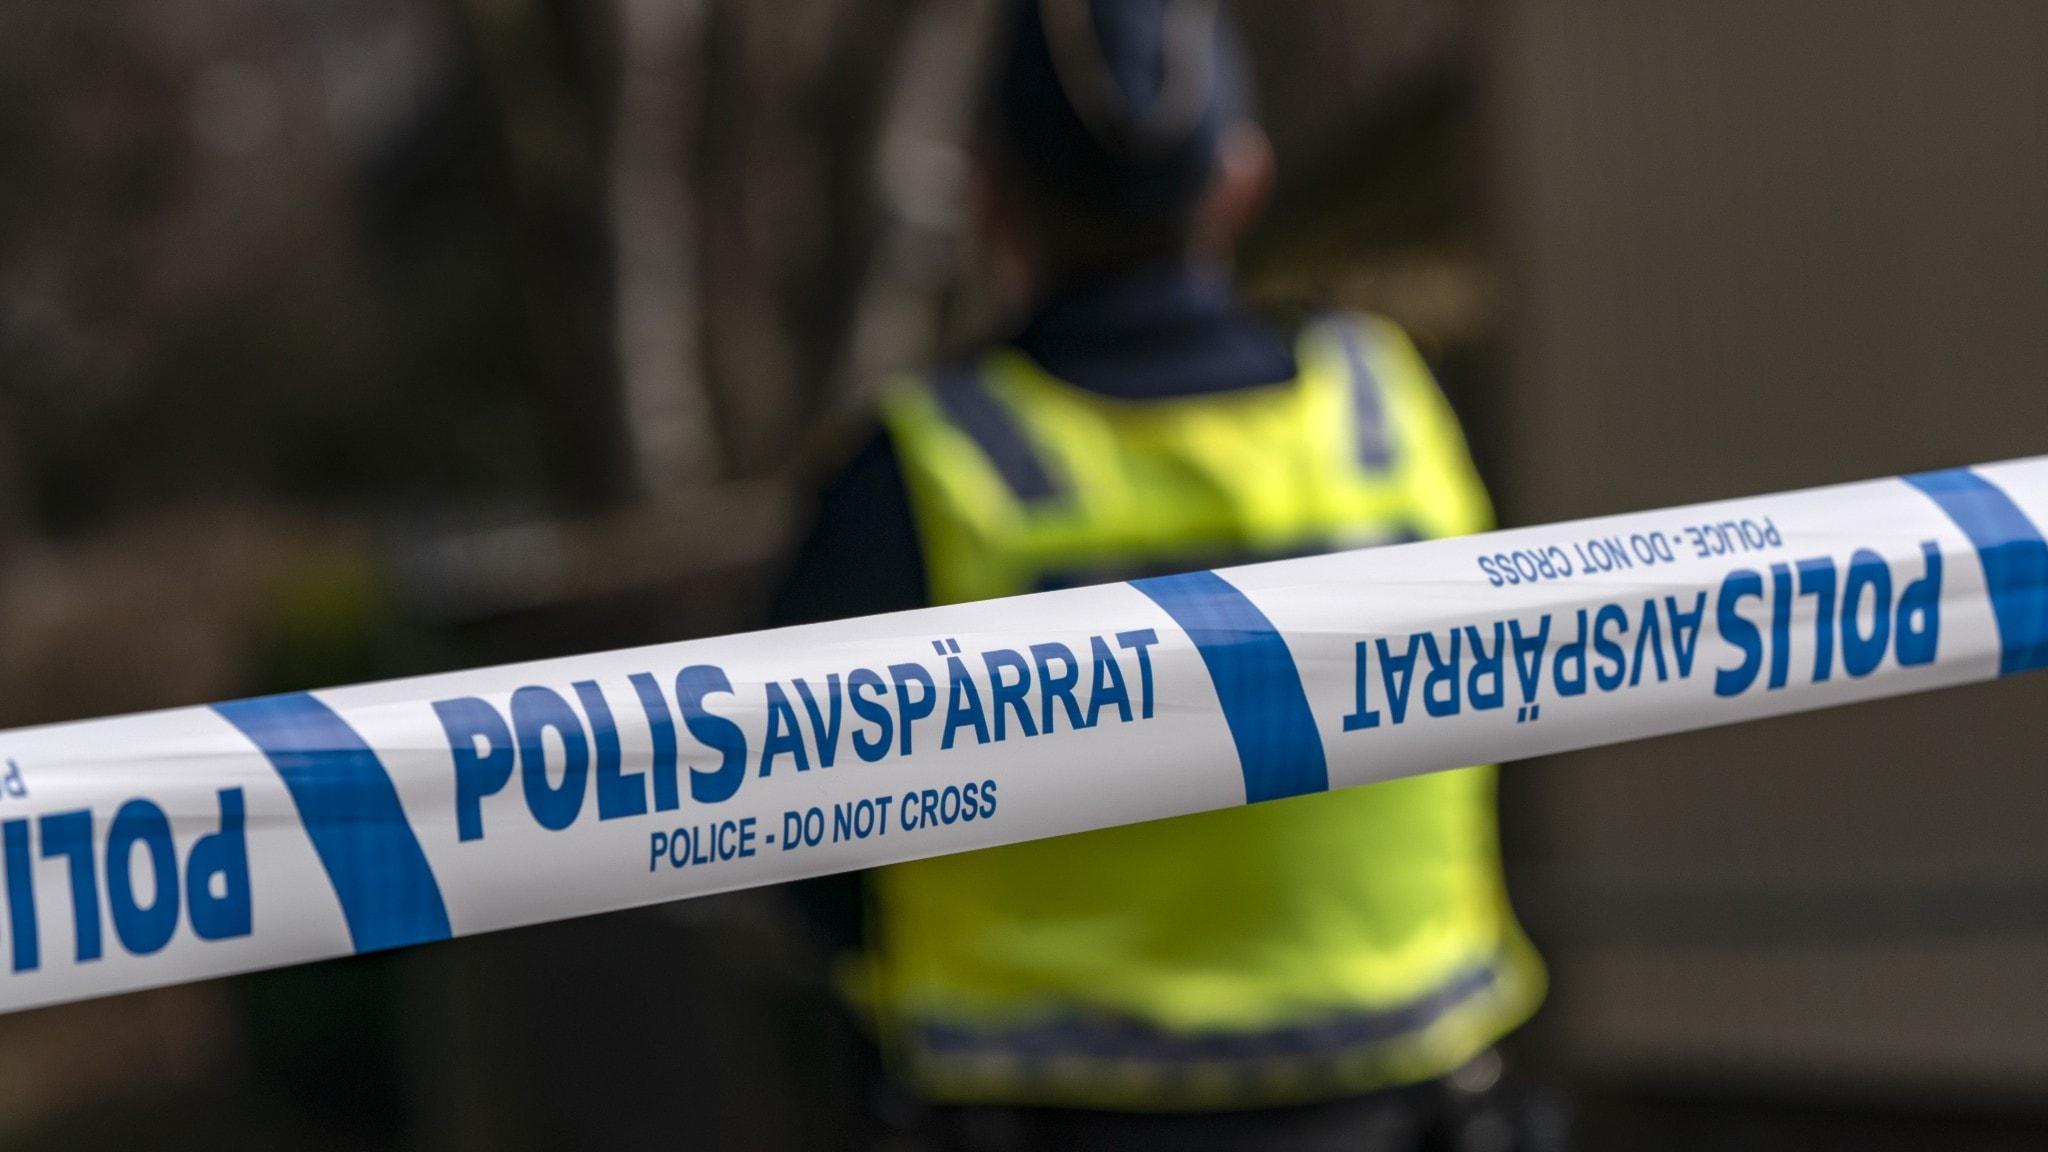 Polisavspärrningsband.